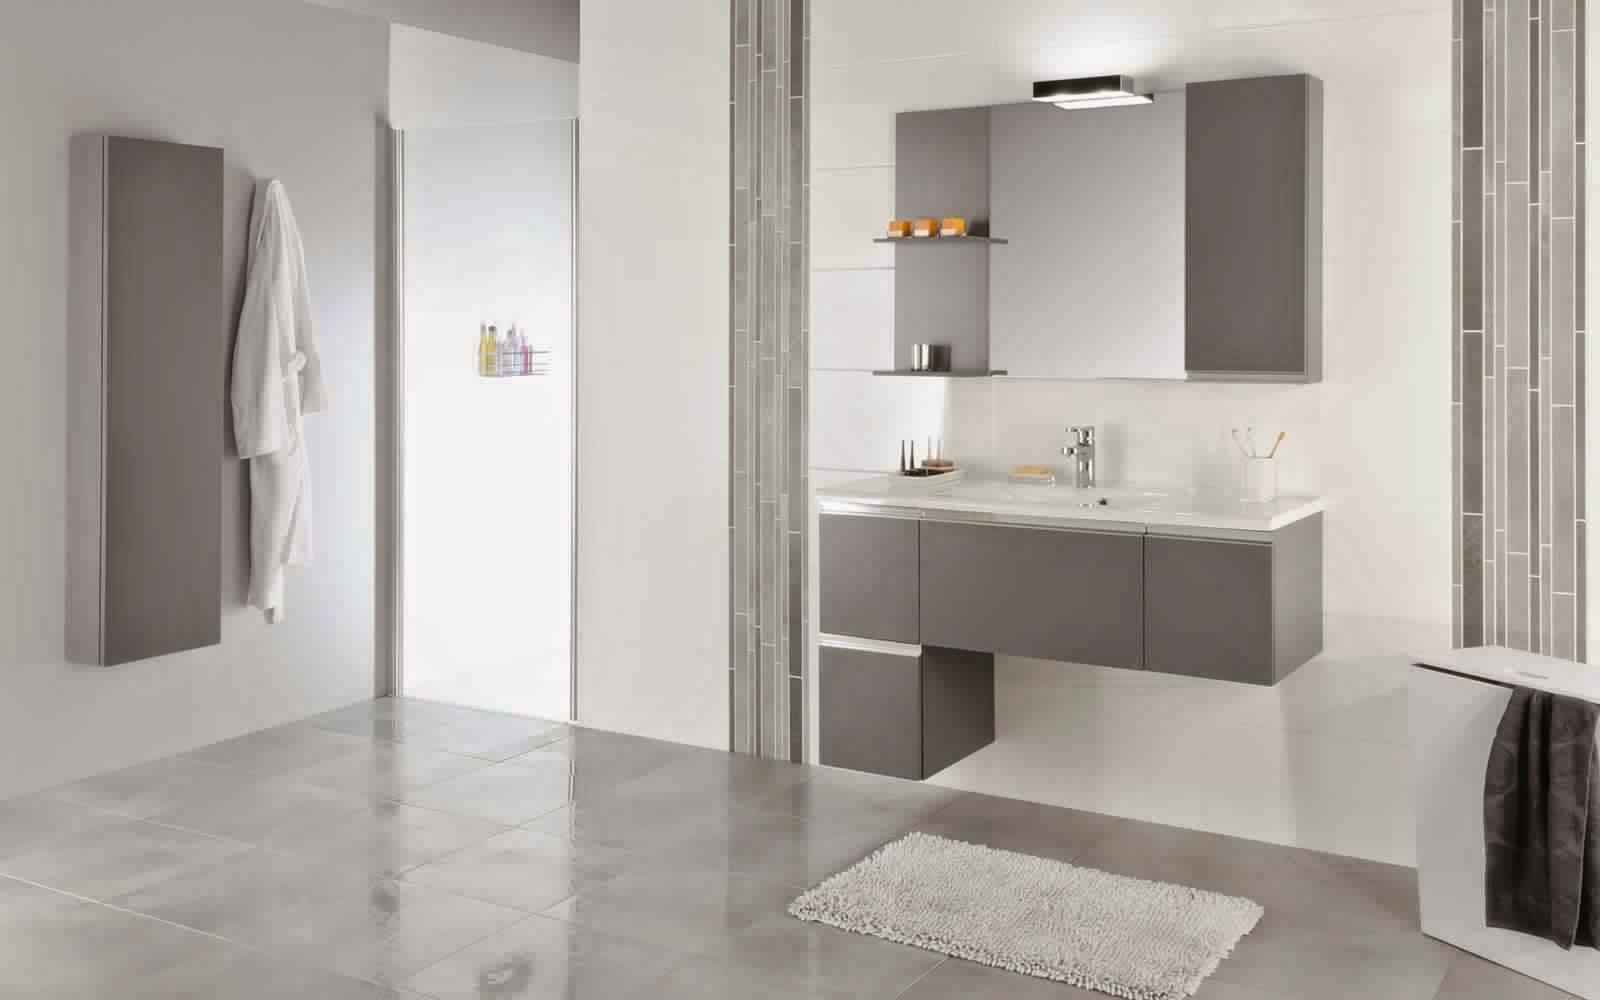 Meuble salle de bain gris meuble d coration maison for Meuble salle de bain gris clair